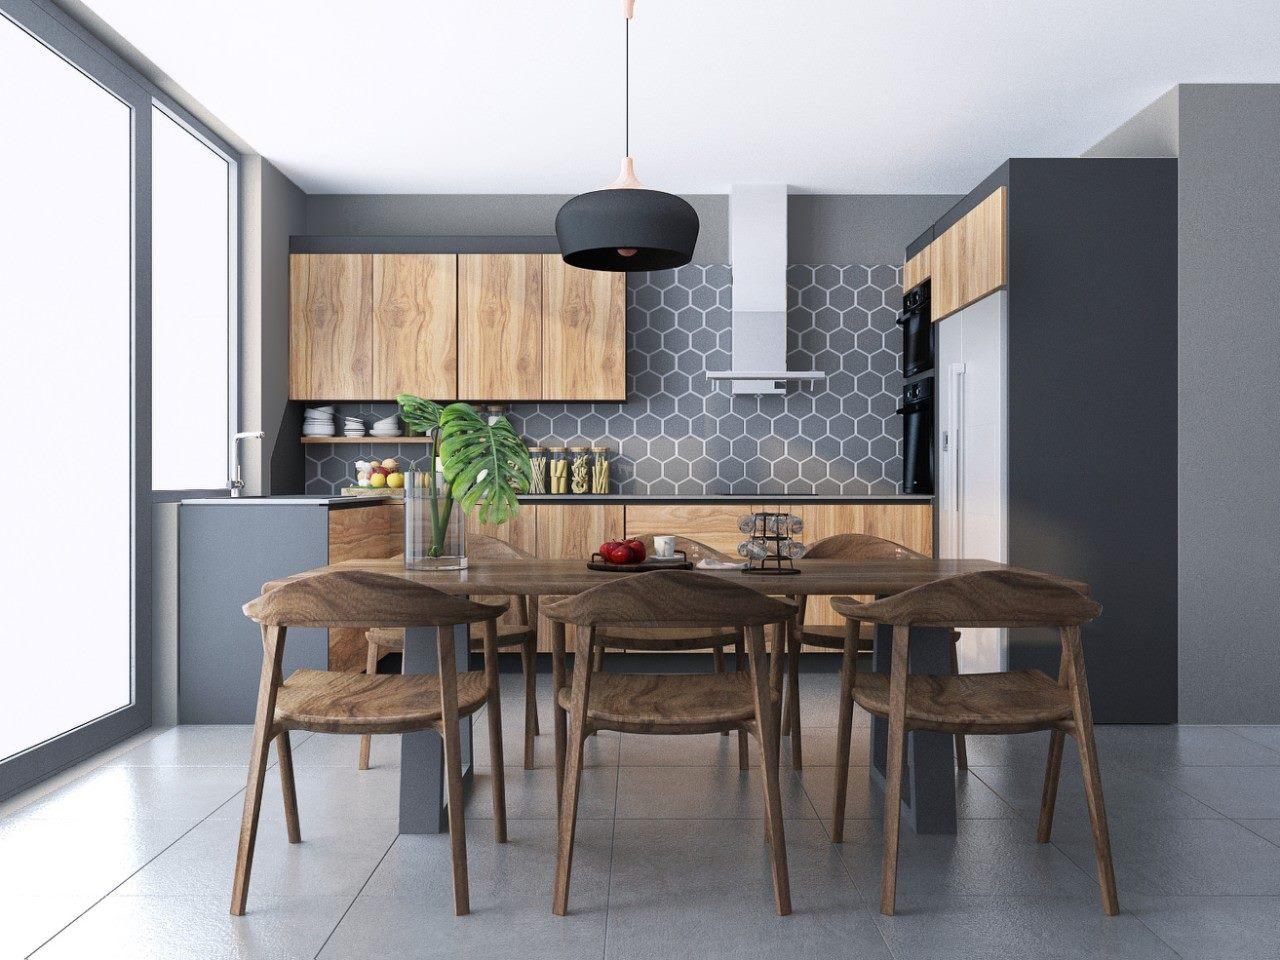 thiết kế nội thất Biệt Thự tại Quảng Bình EURO VILLAGE HOUSE 6 1531705857